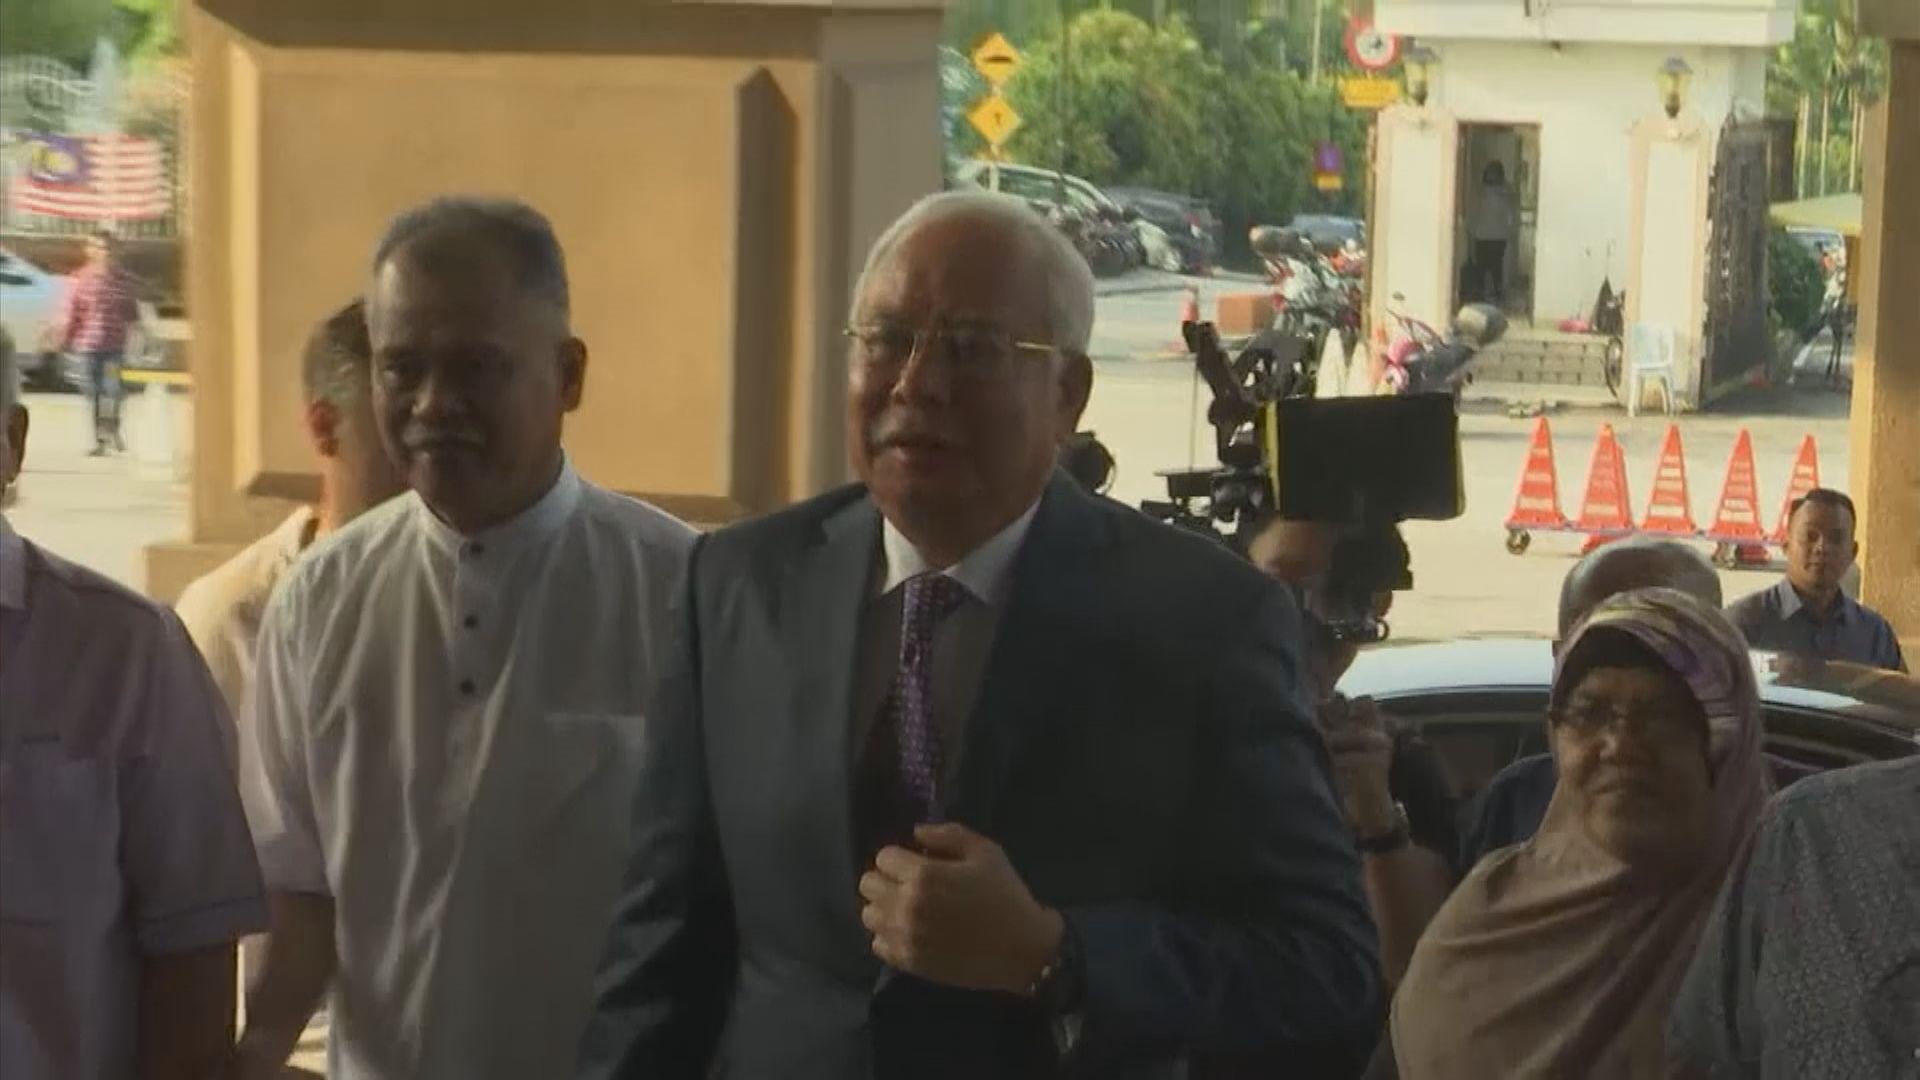 馬來西亞前總理納吉布涉貪案押後一周再審